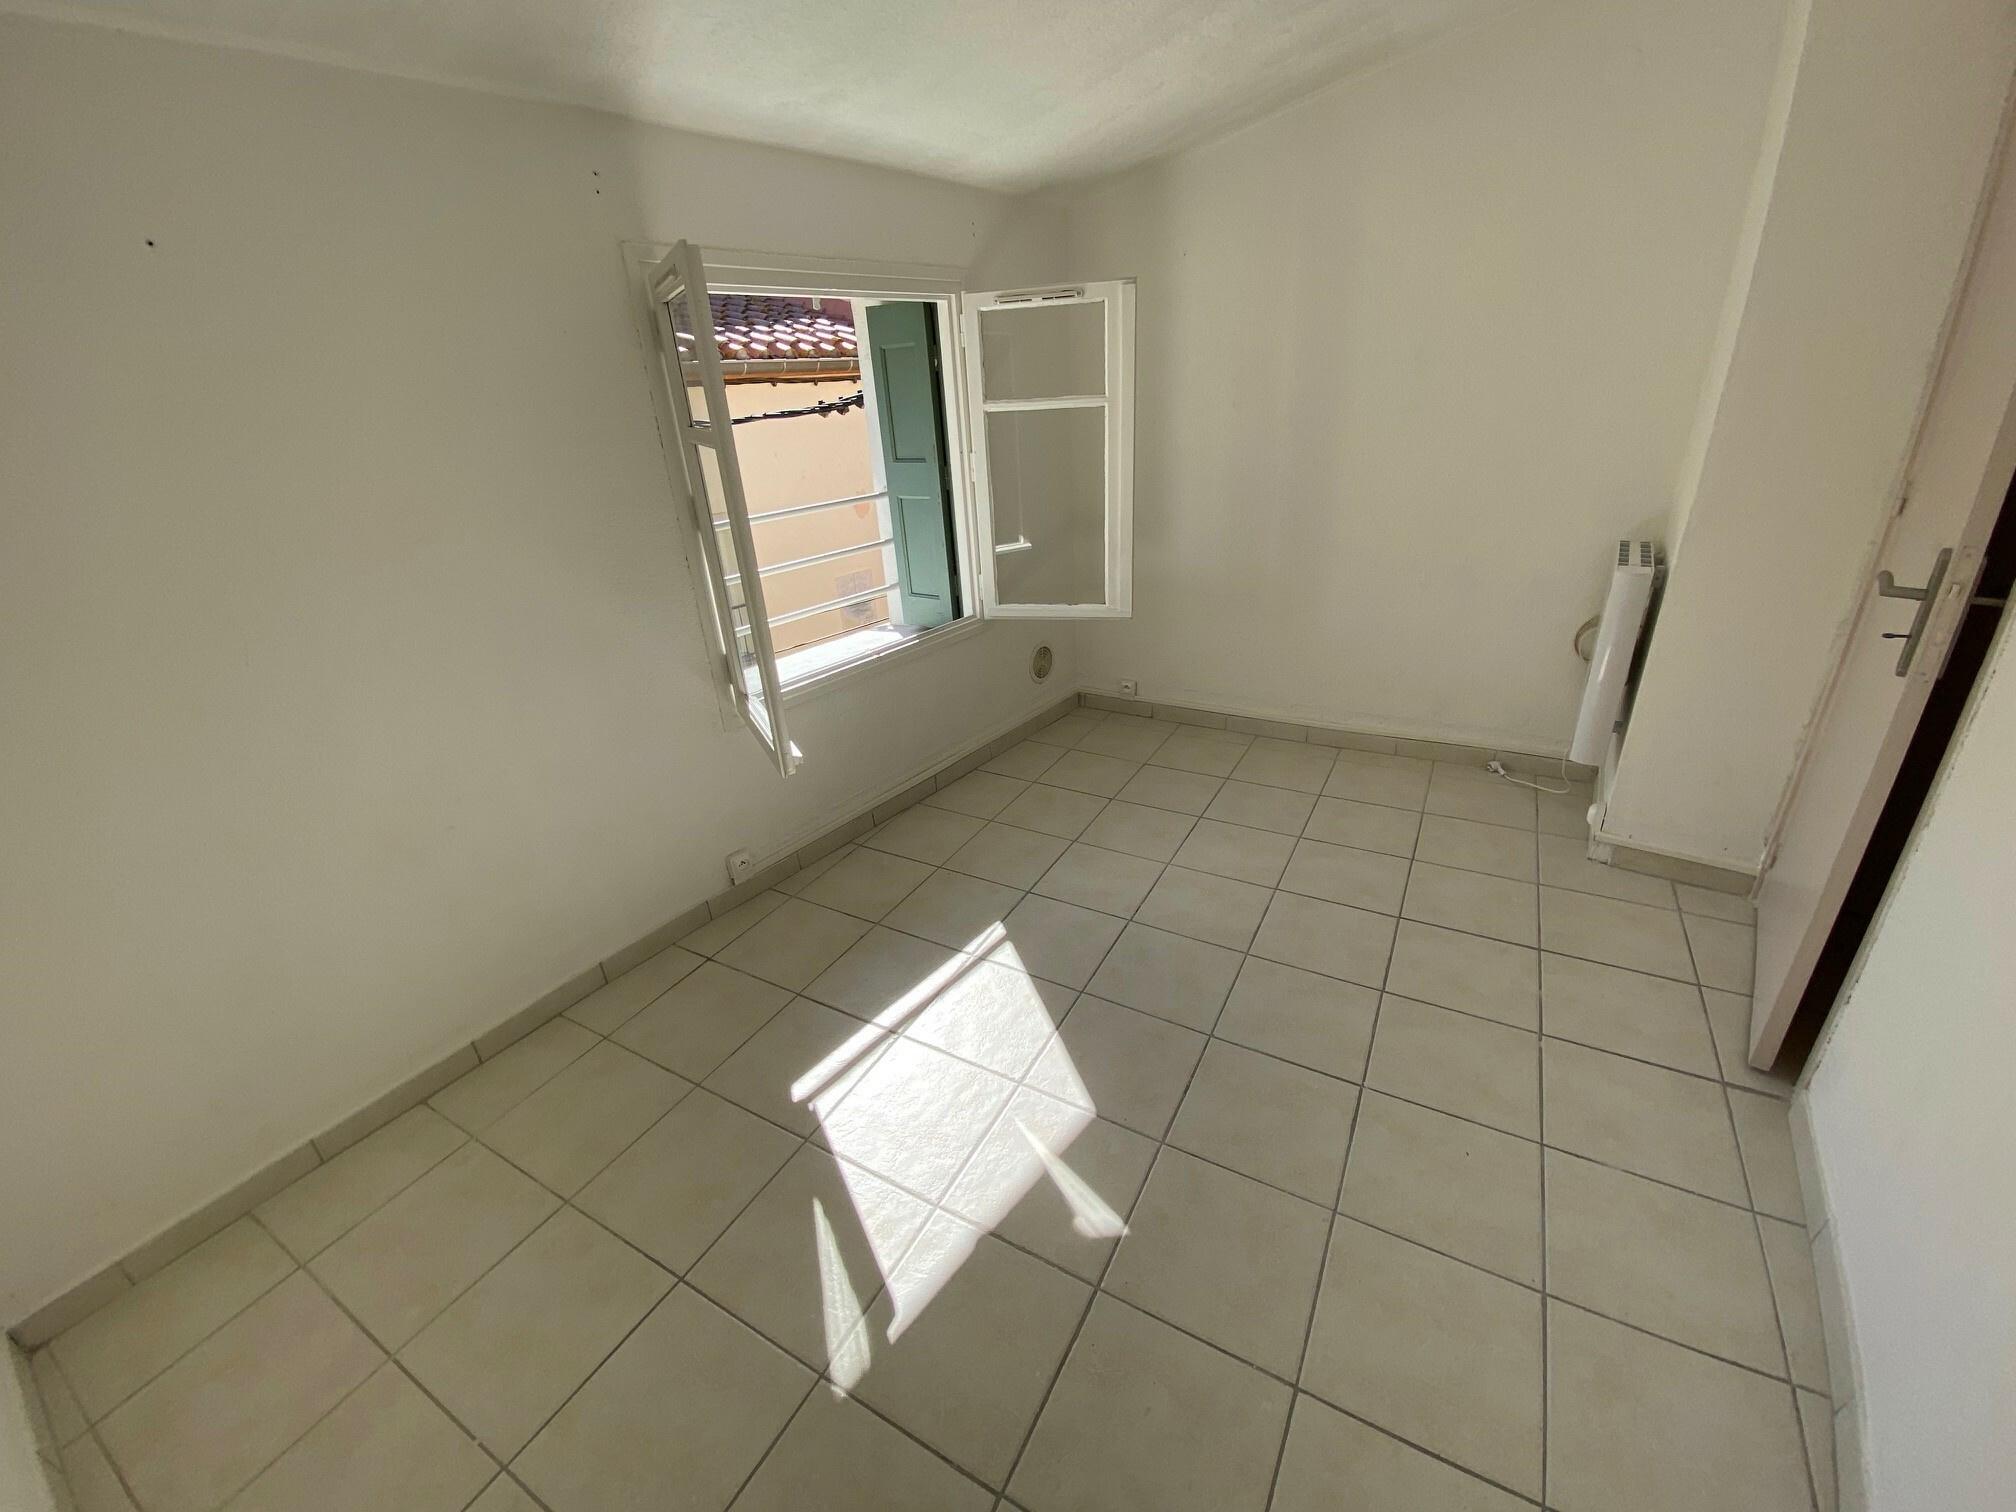 À vendre maison/villa de 41m2 à argeles sur mer (66700) - Photo 4'